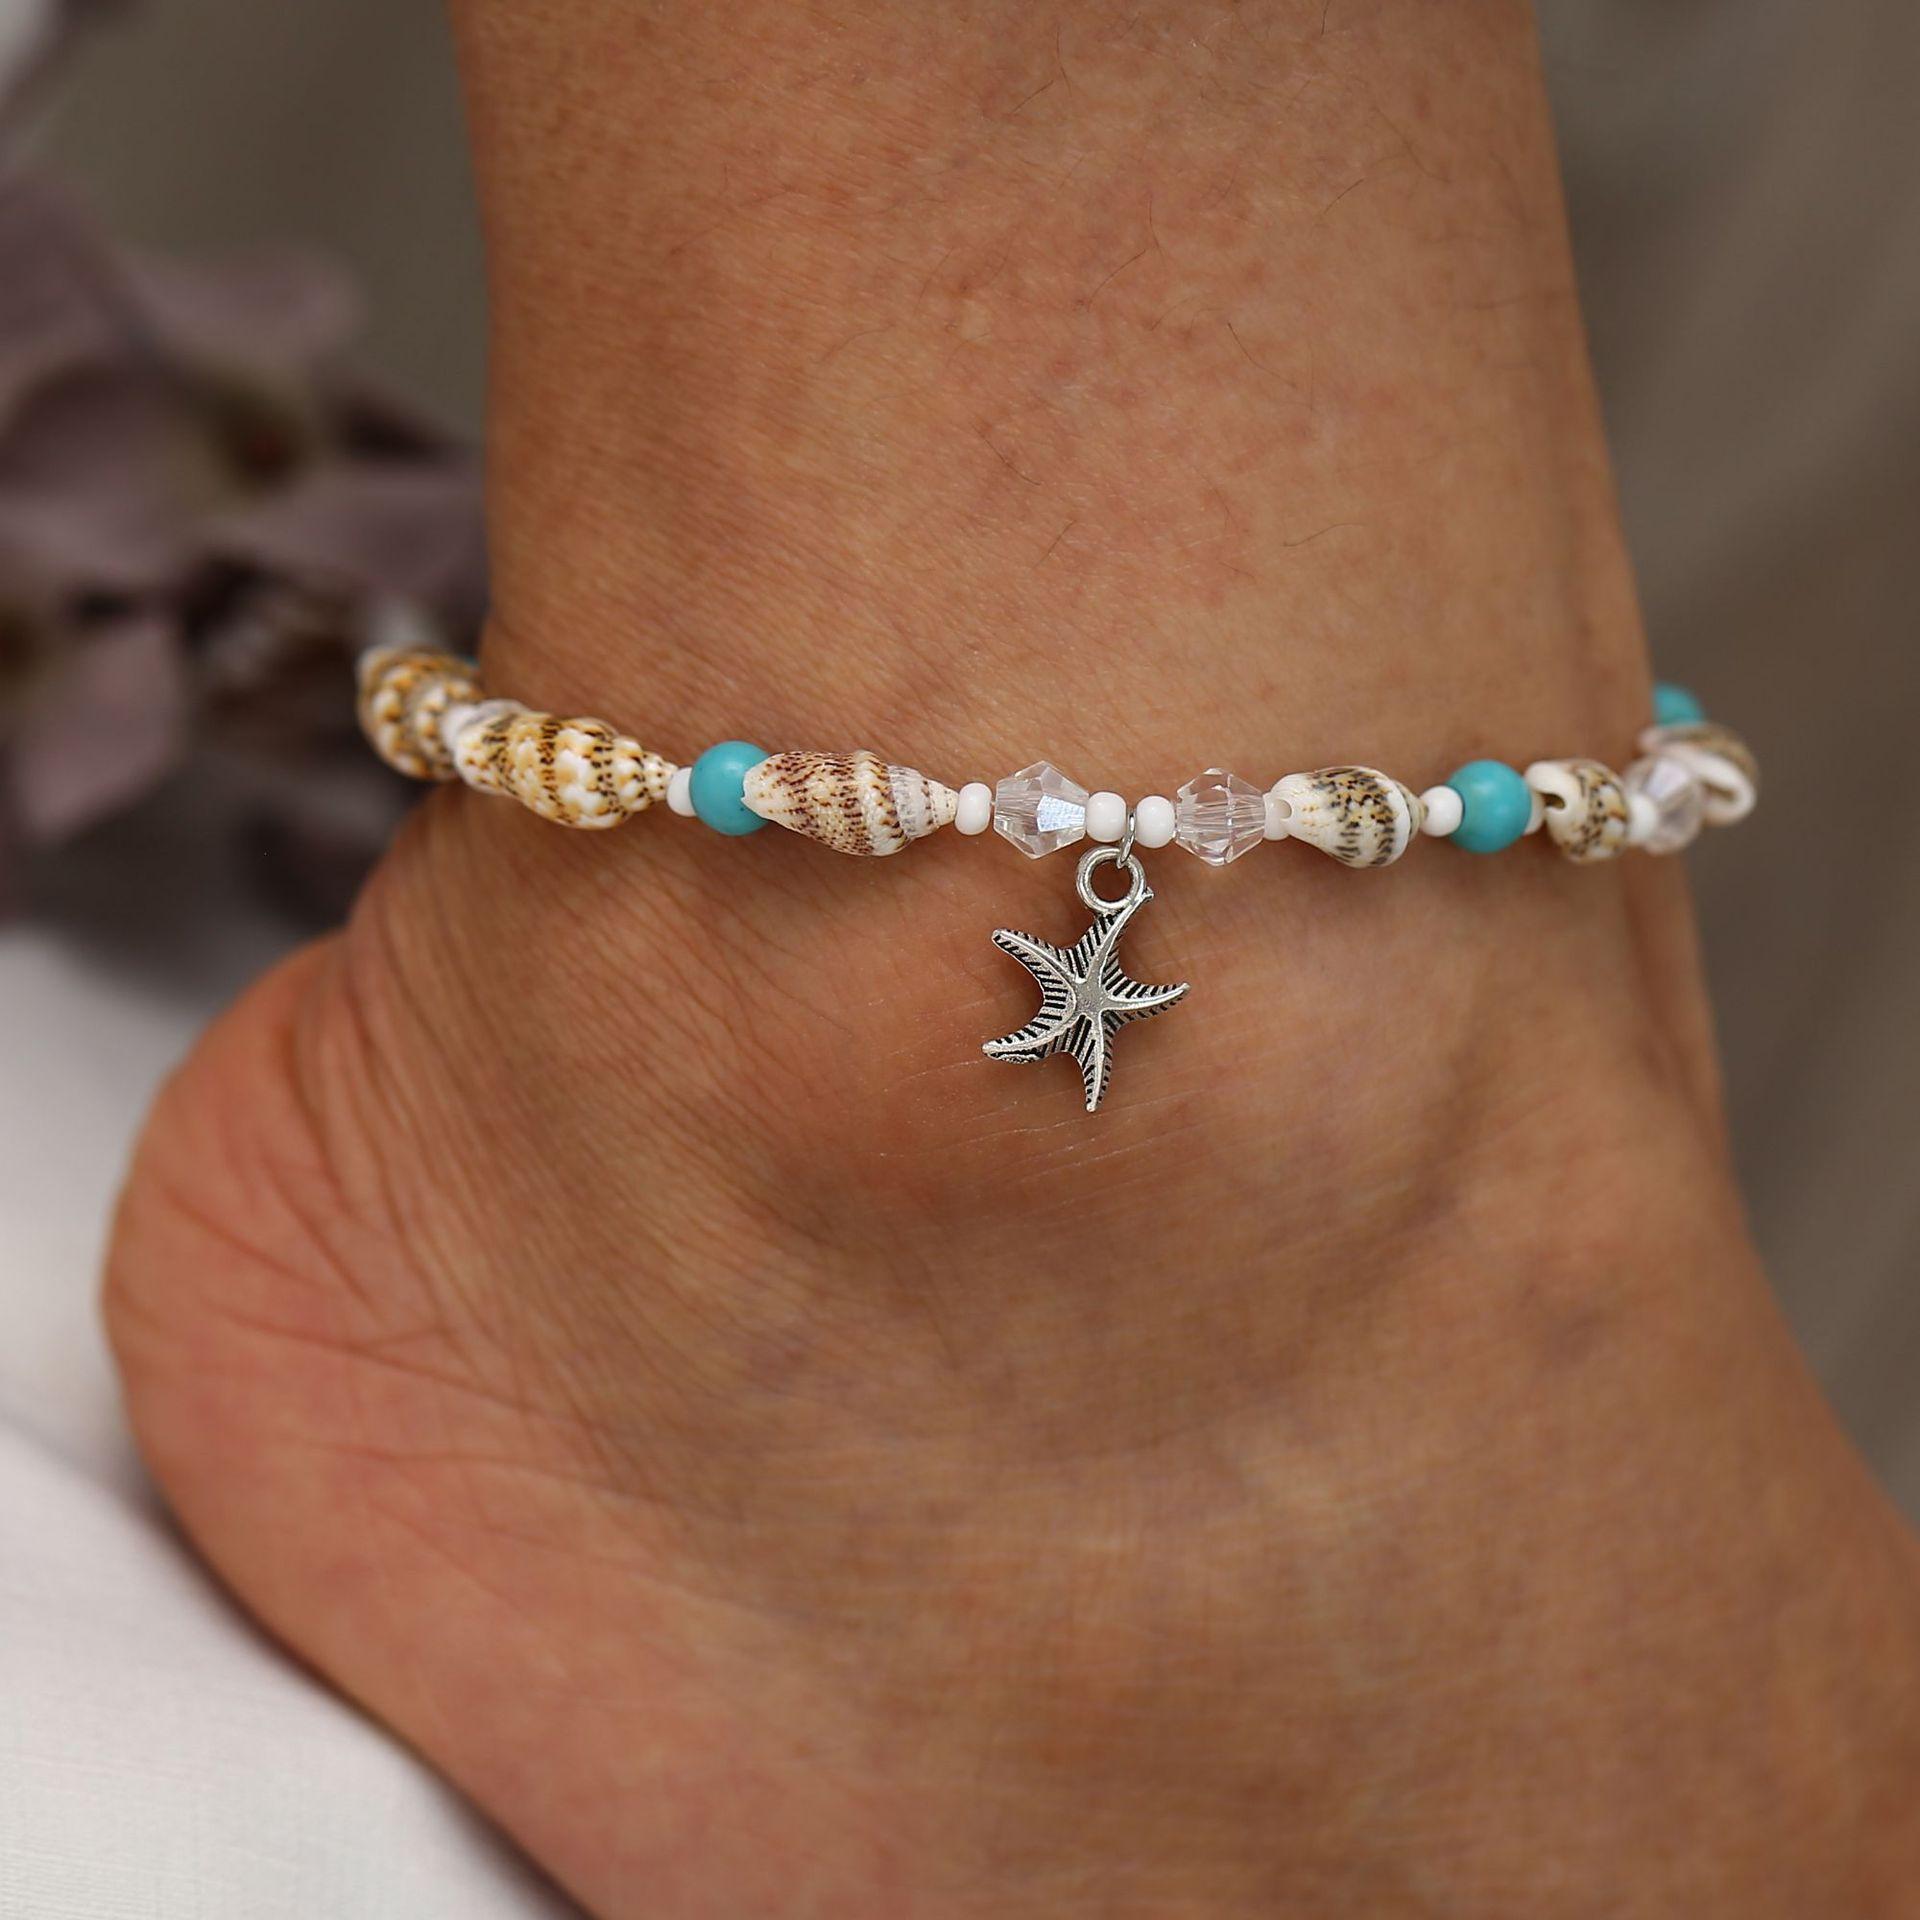 Handmade Bohemian Foot Chain Boho Beach Anklet Leg Bracelet Shell Beads Starfish Anklet